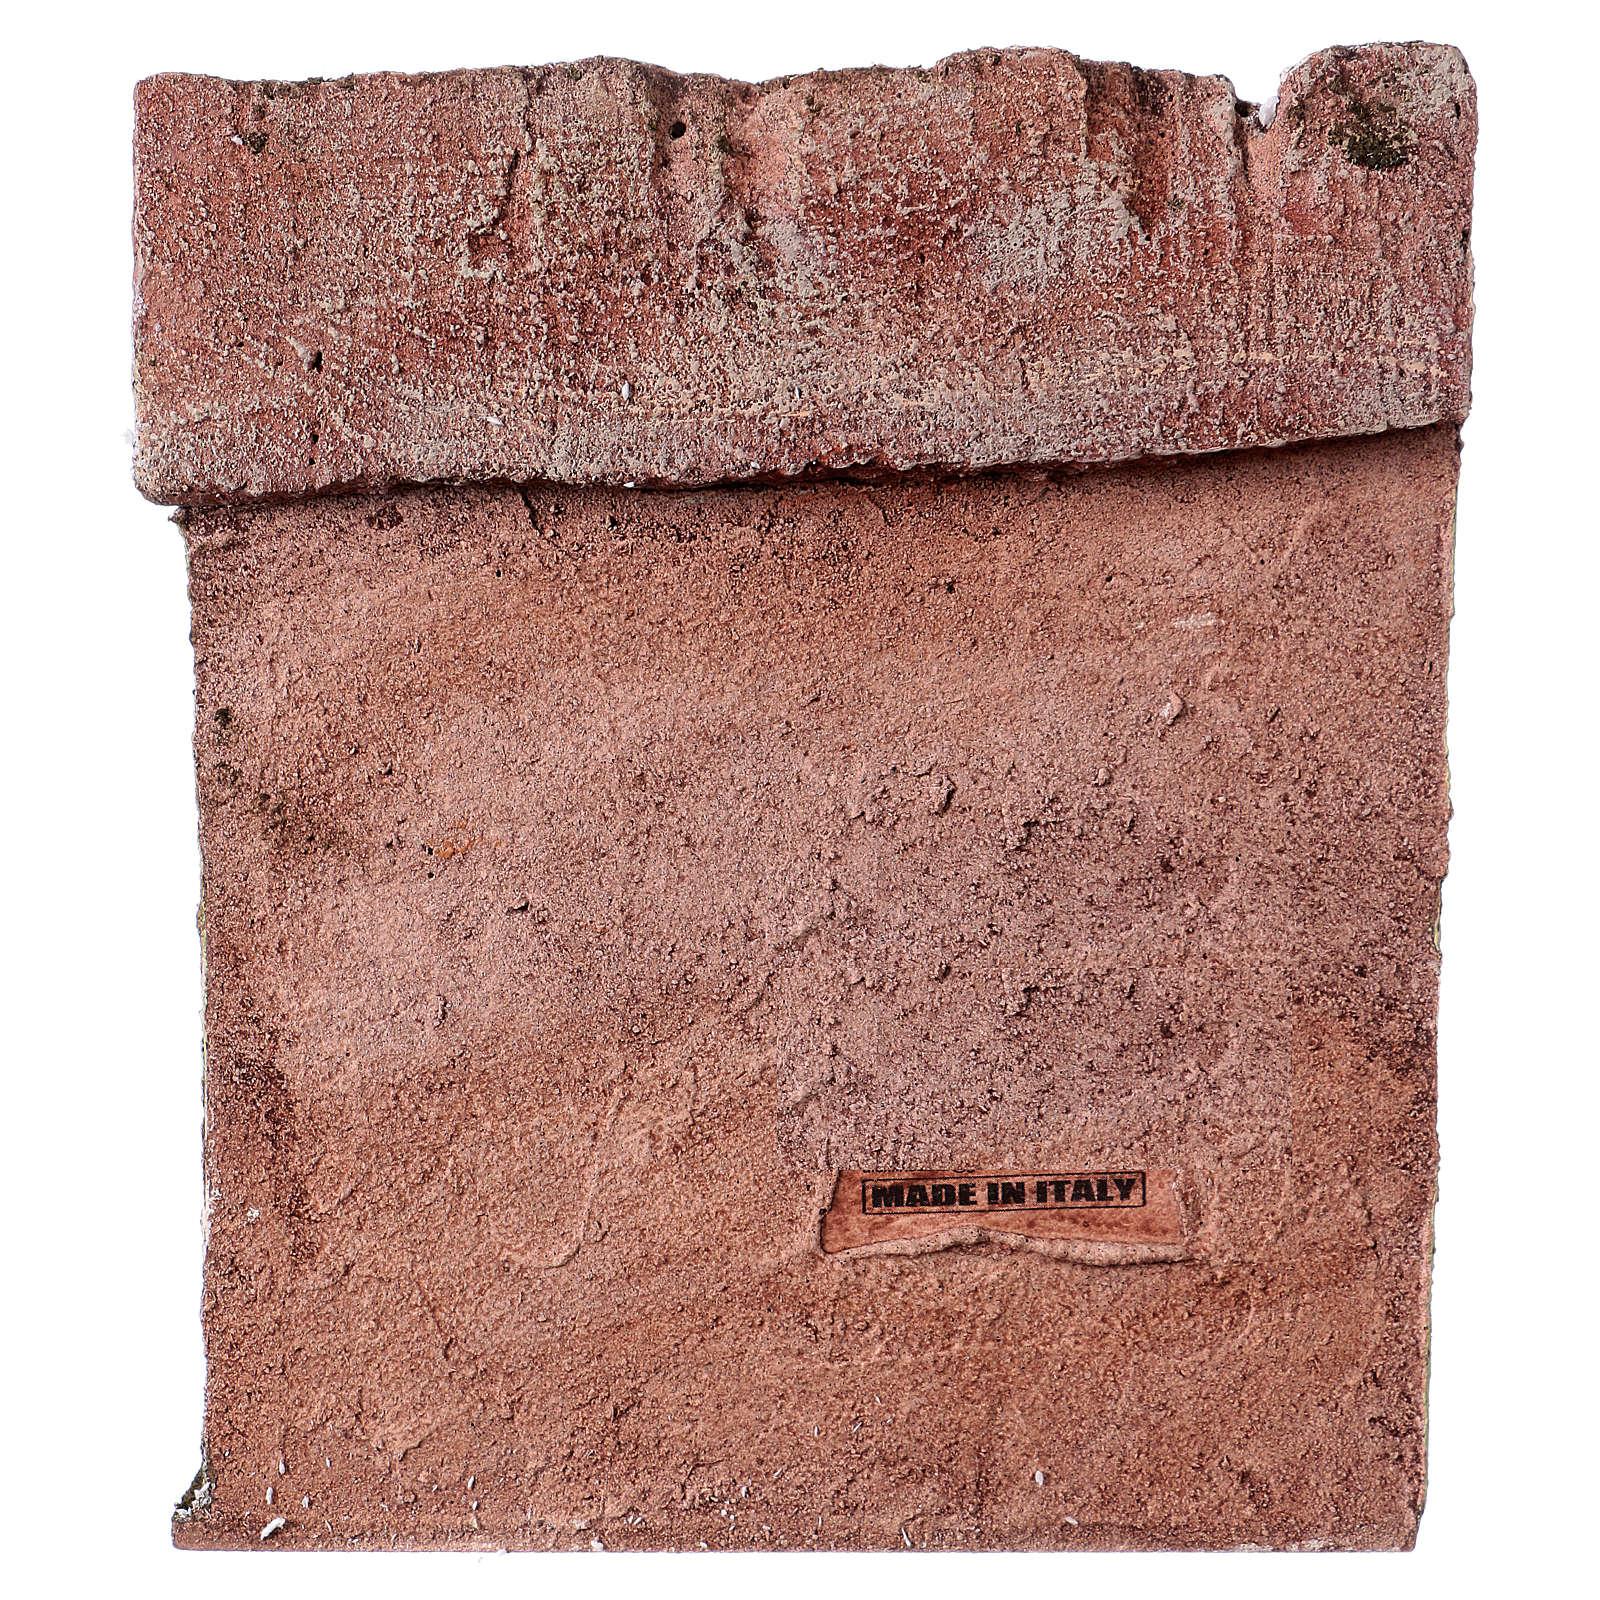 Pescivendolo casetta per statue 10-11 cm 20x17x14,5 cm  4